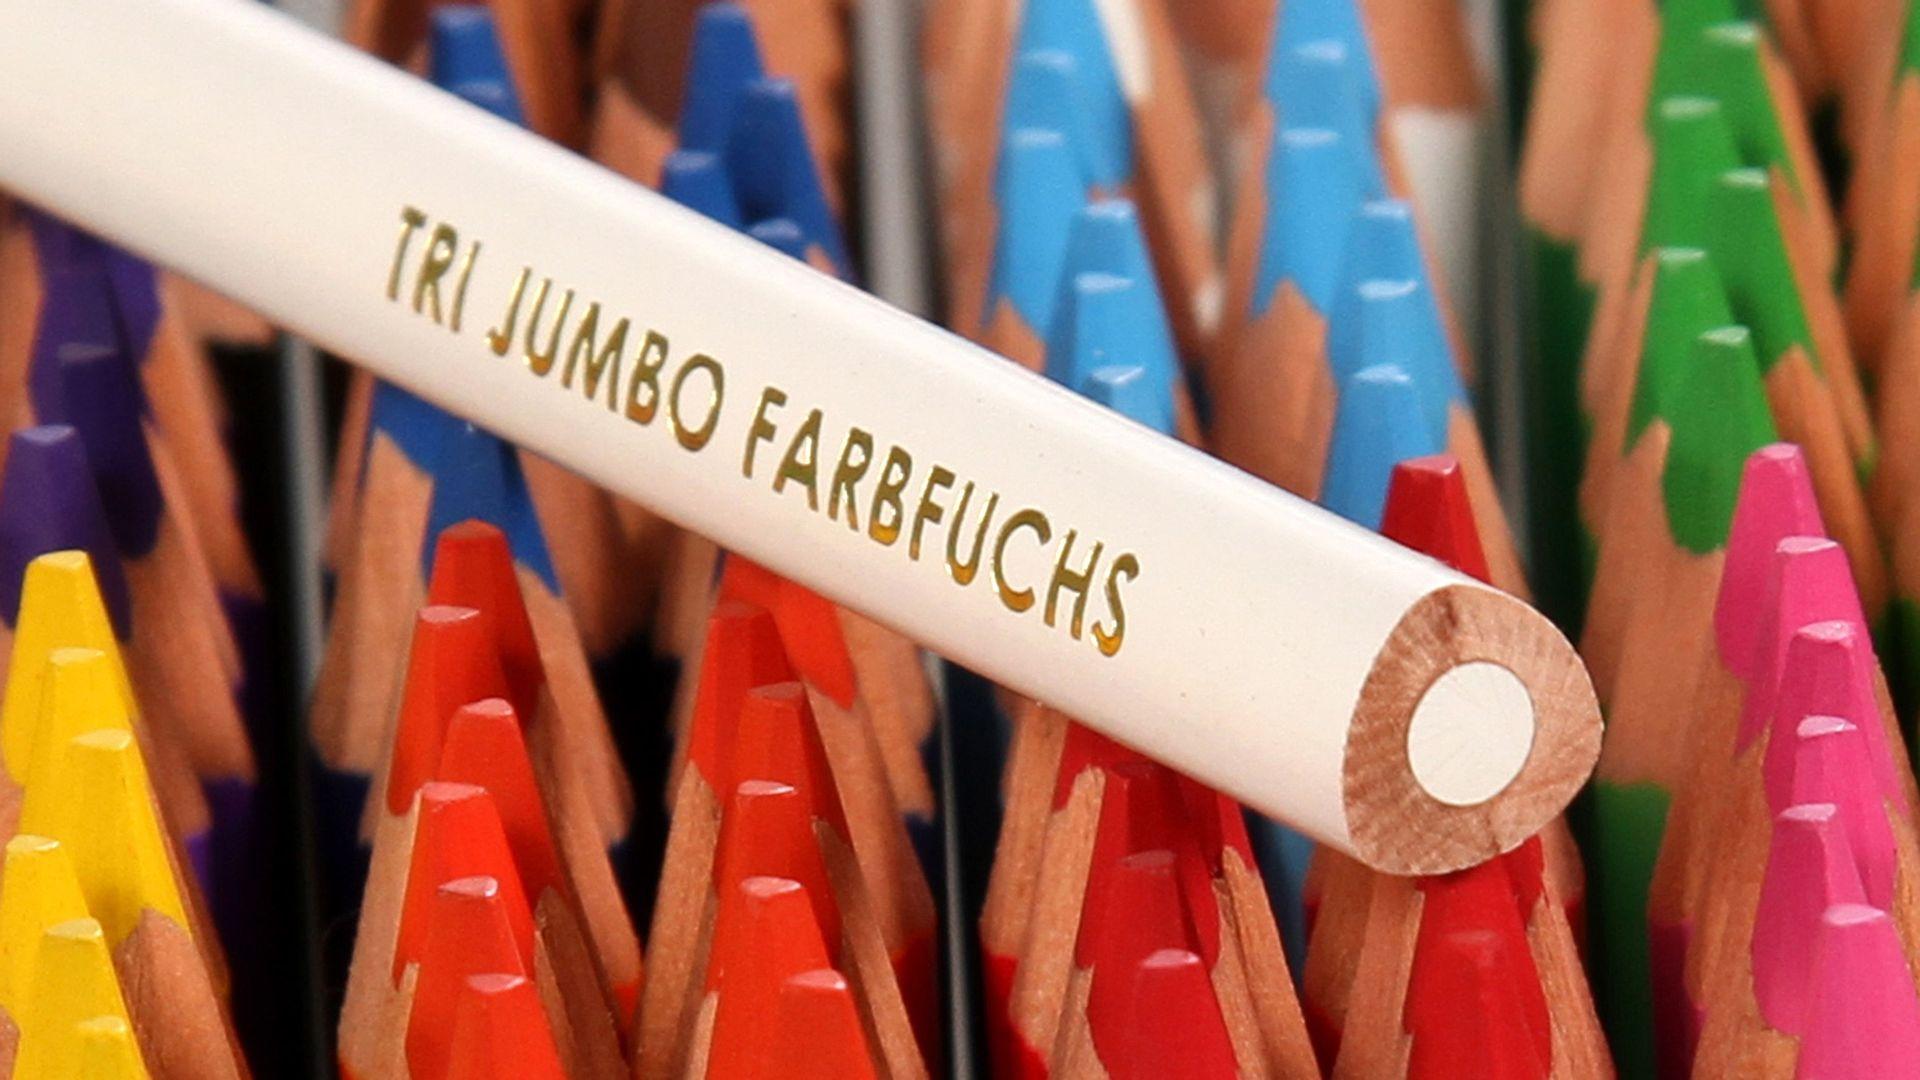 Tri Jumbo Farbfuchs 144er Set